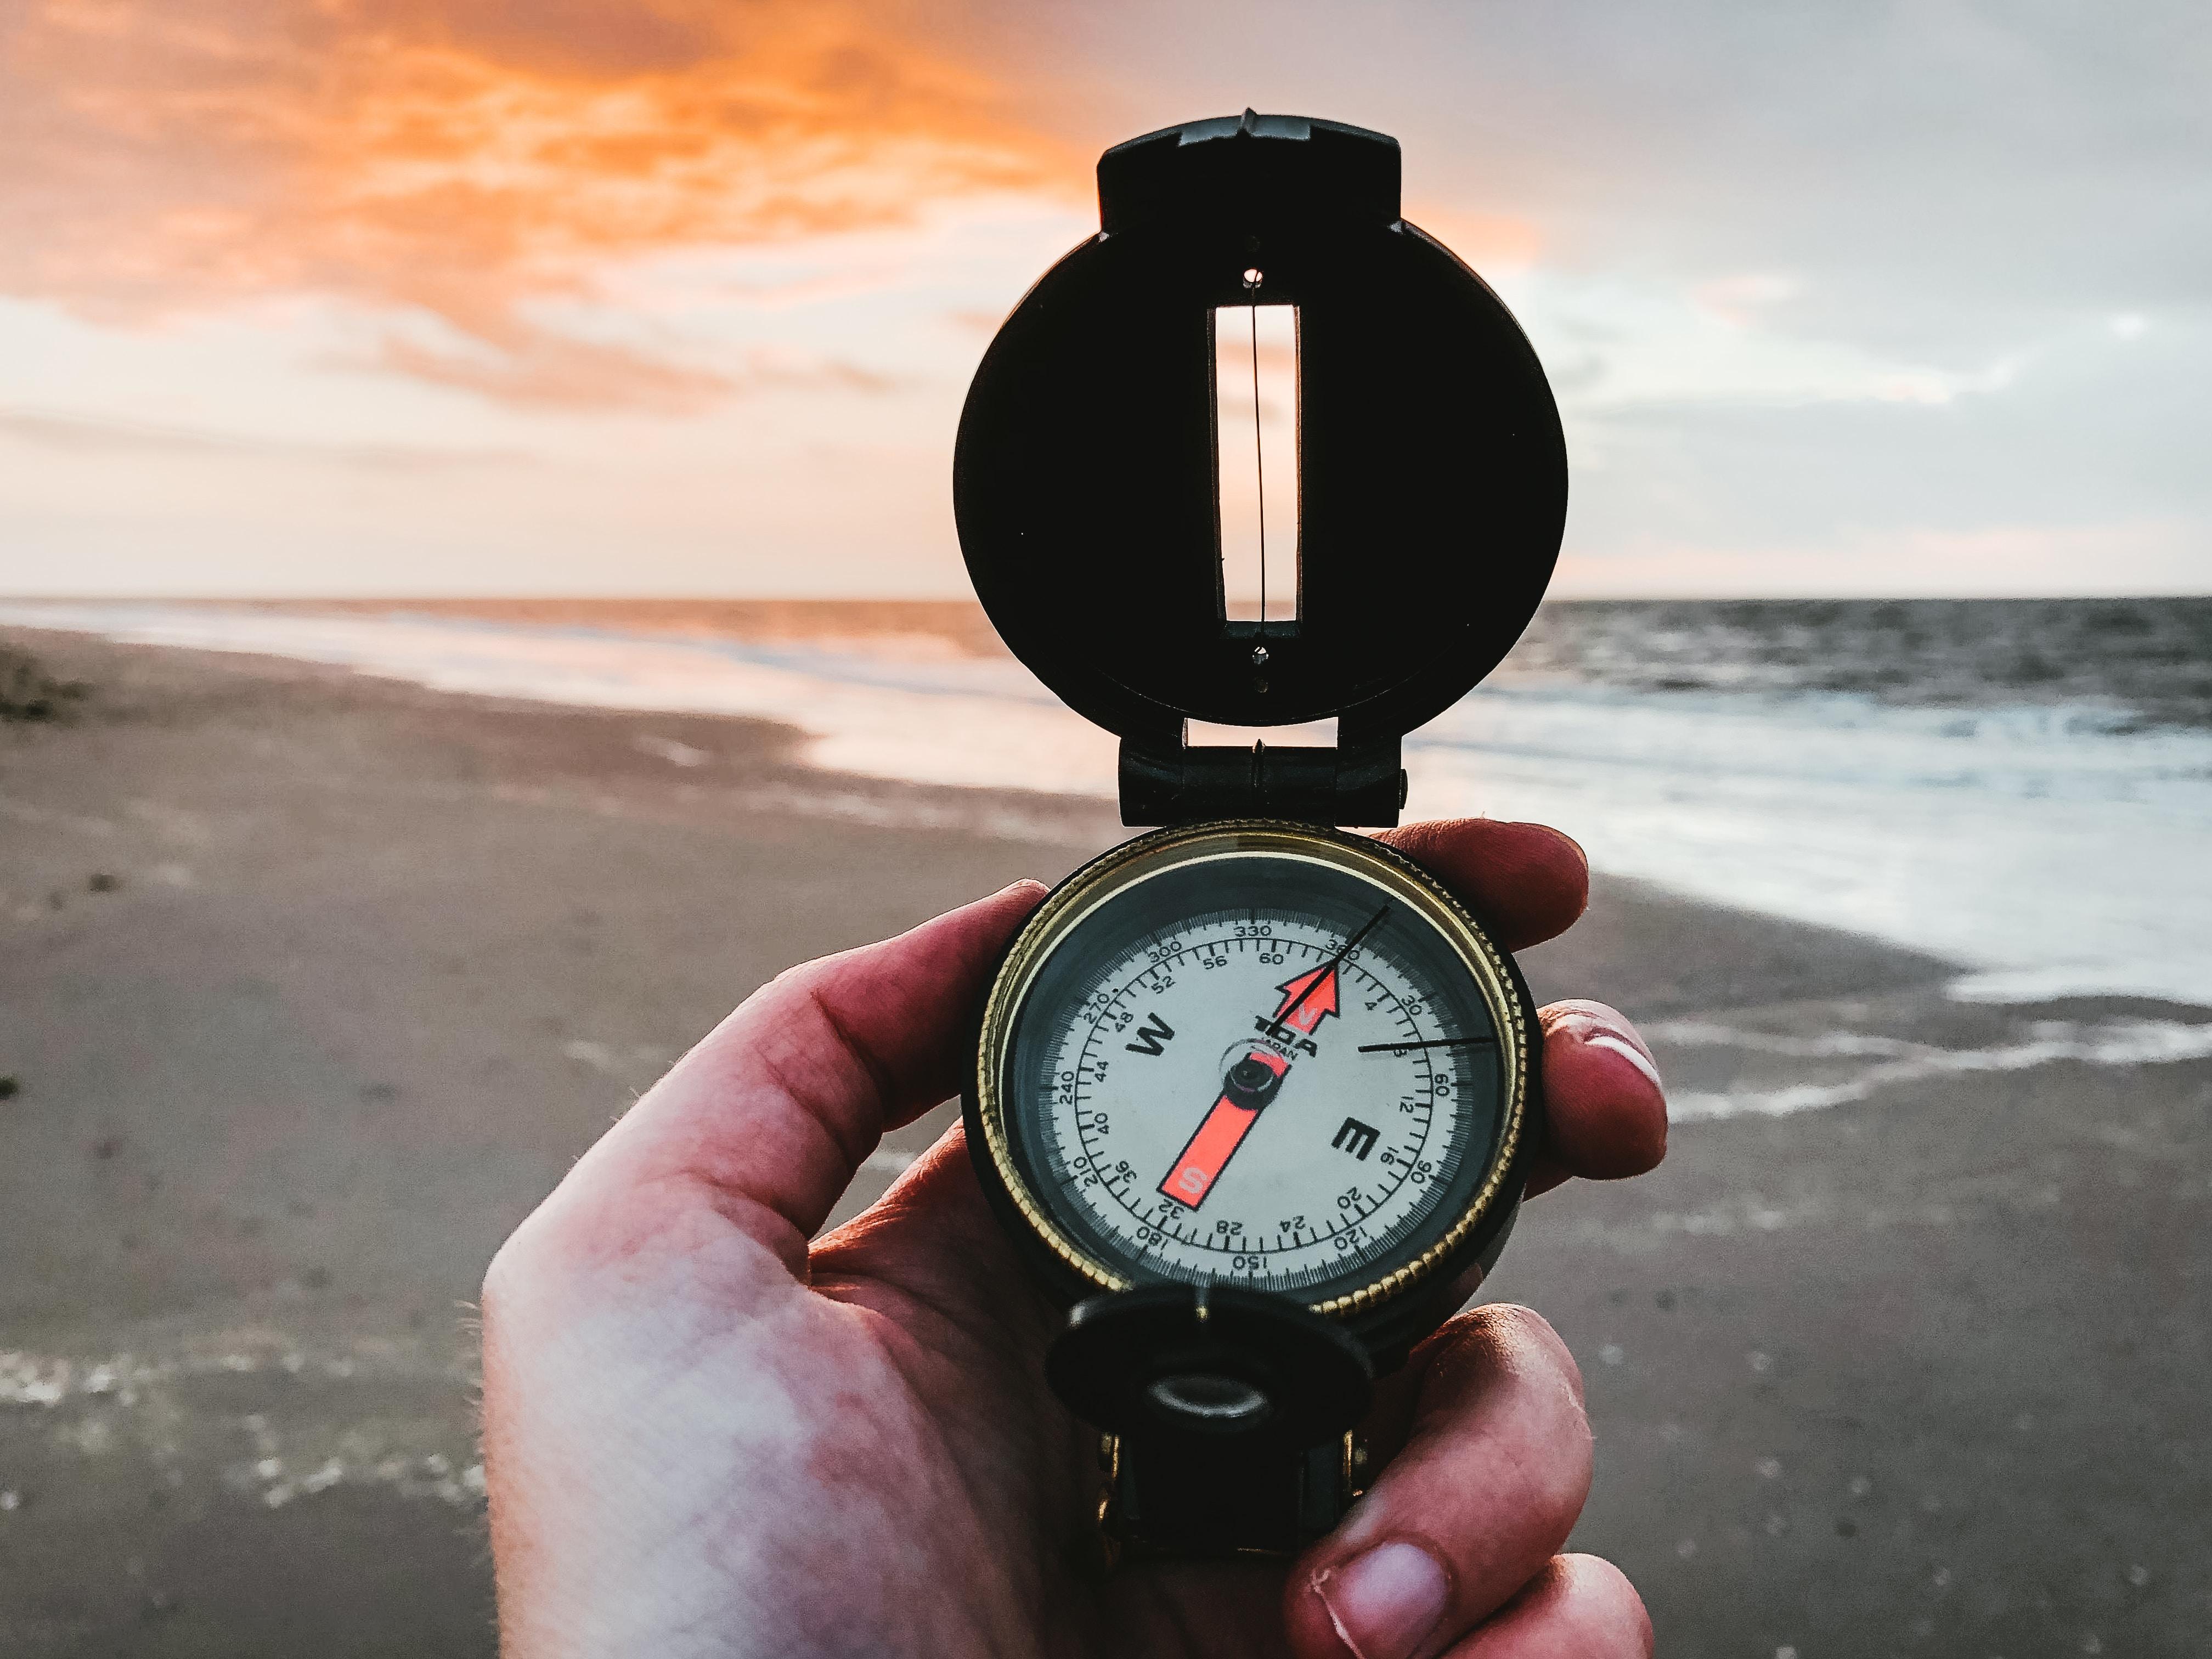 compass denise-jans-hjmW8FDp-Ho-unsplash